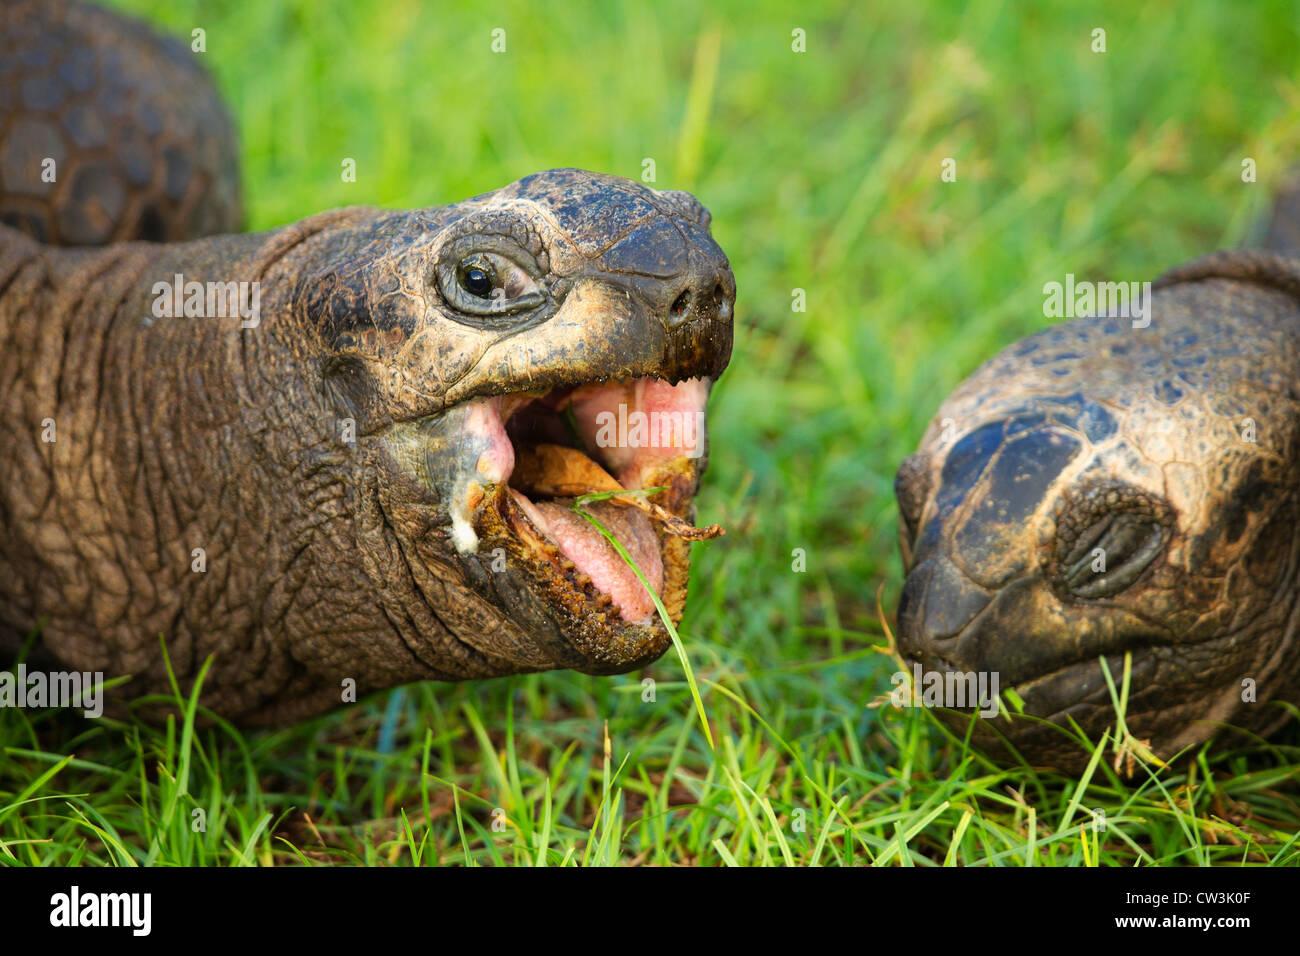 La tartaruga gigante (Geochelone gigantea). Le specie vulnerabili. Dist. isole Seychelles. Immagini Stock